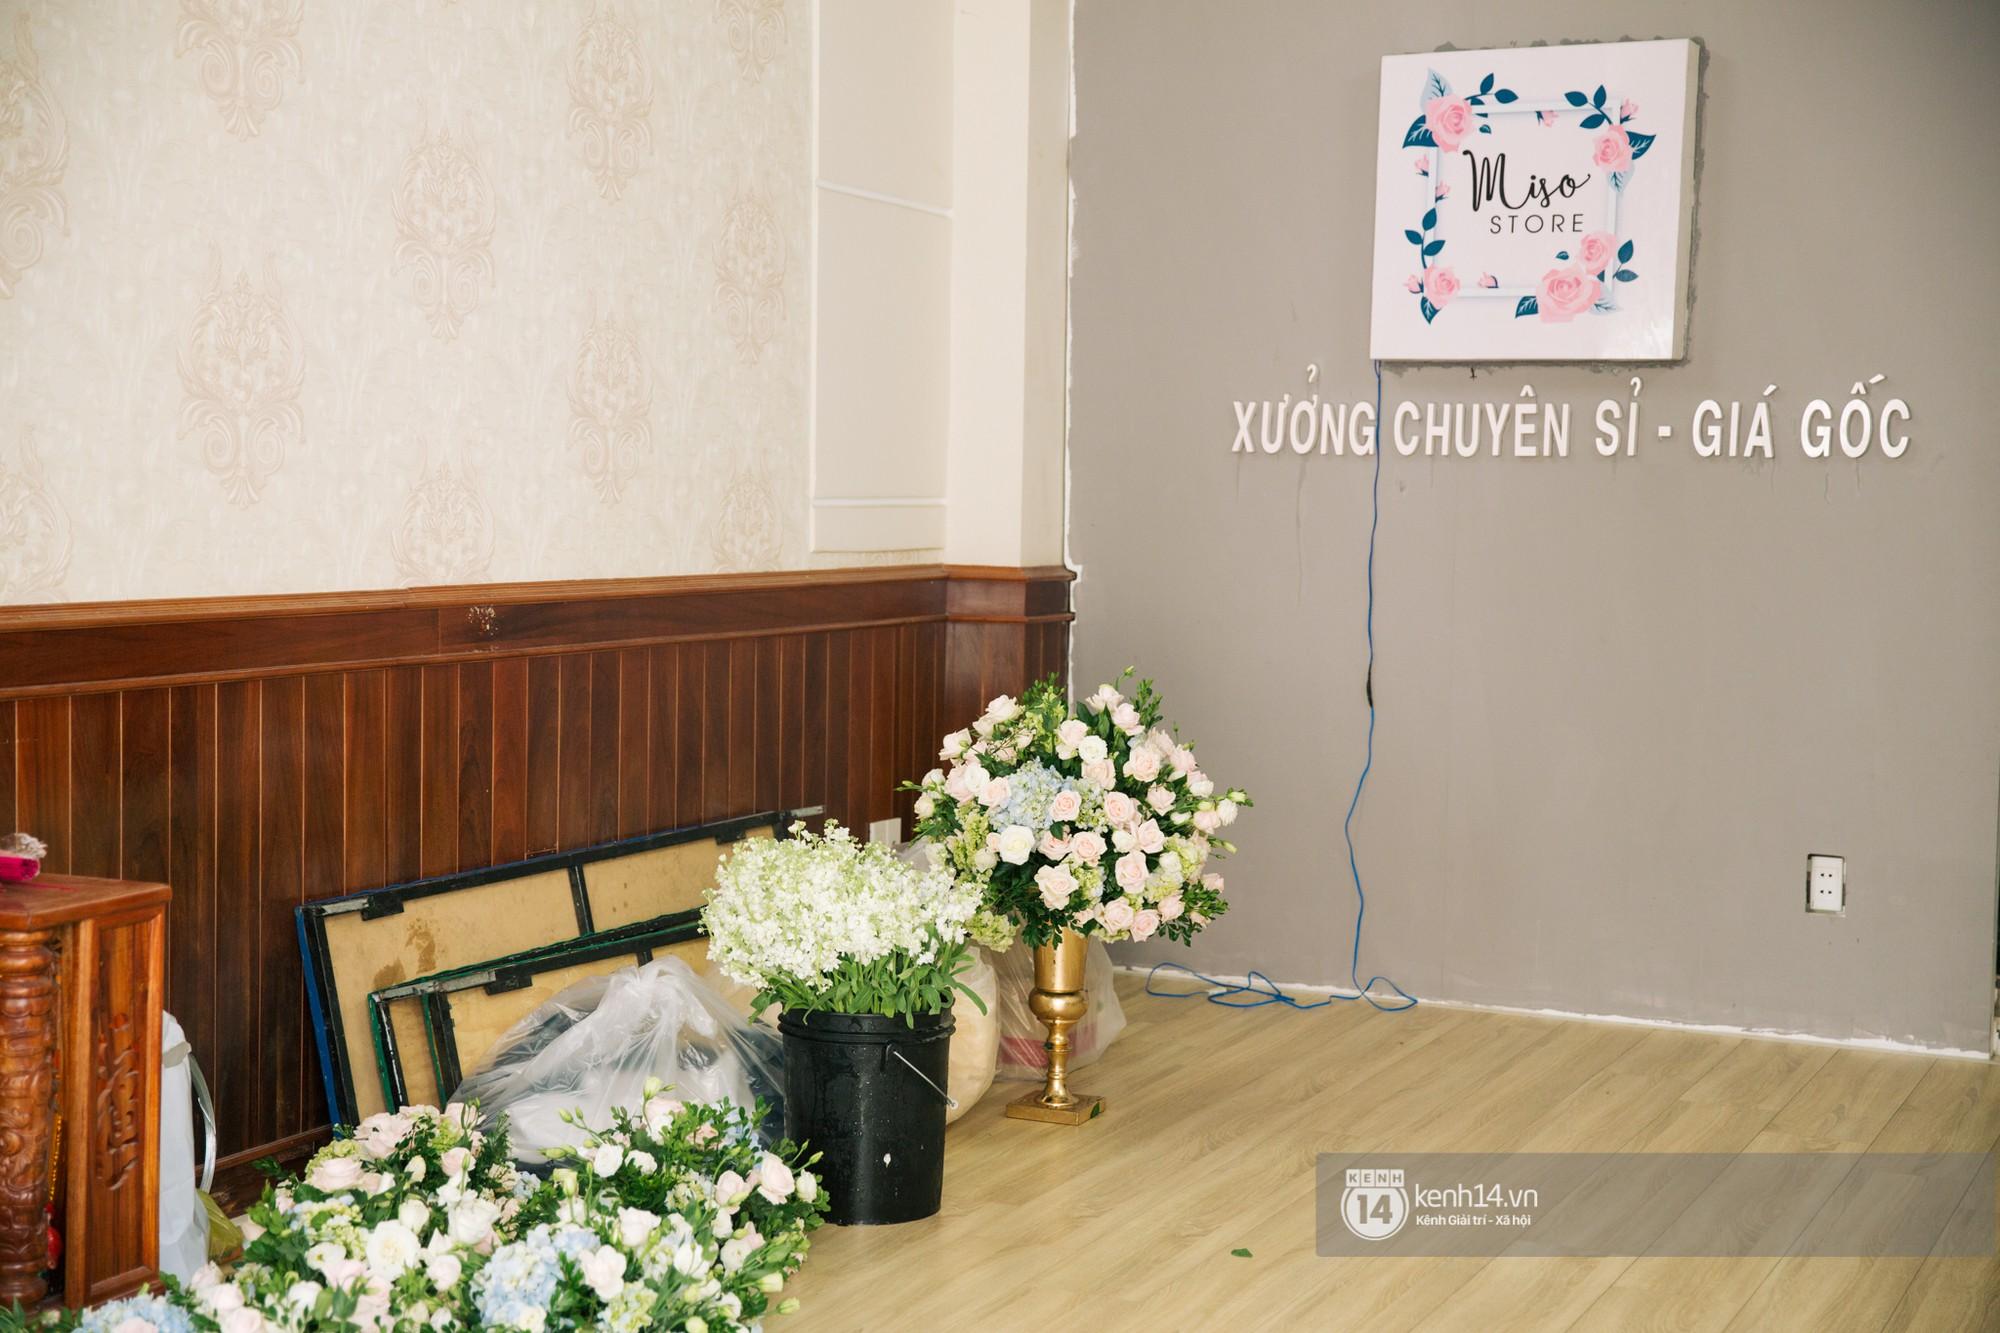 Cưới Trường Giang Nhã Phương: Nhà cô dâu bày trí cho hôn lễ chiều nay - Ảnh 4.